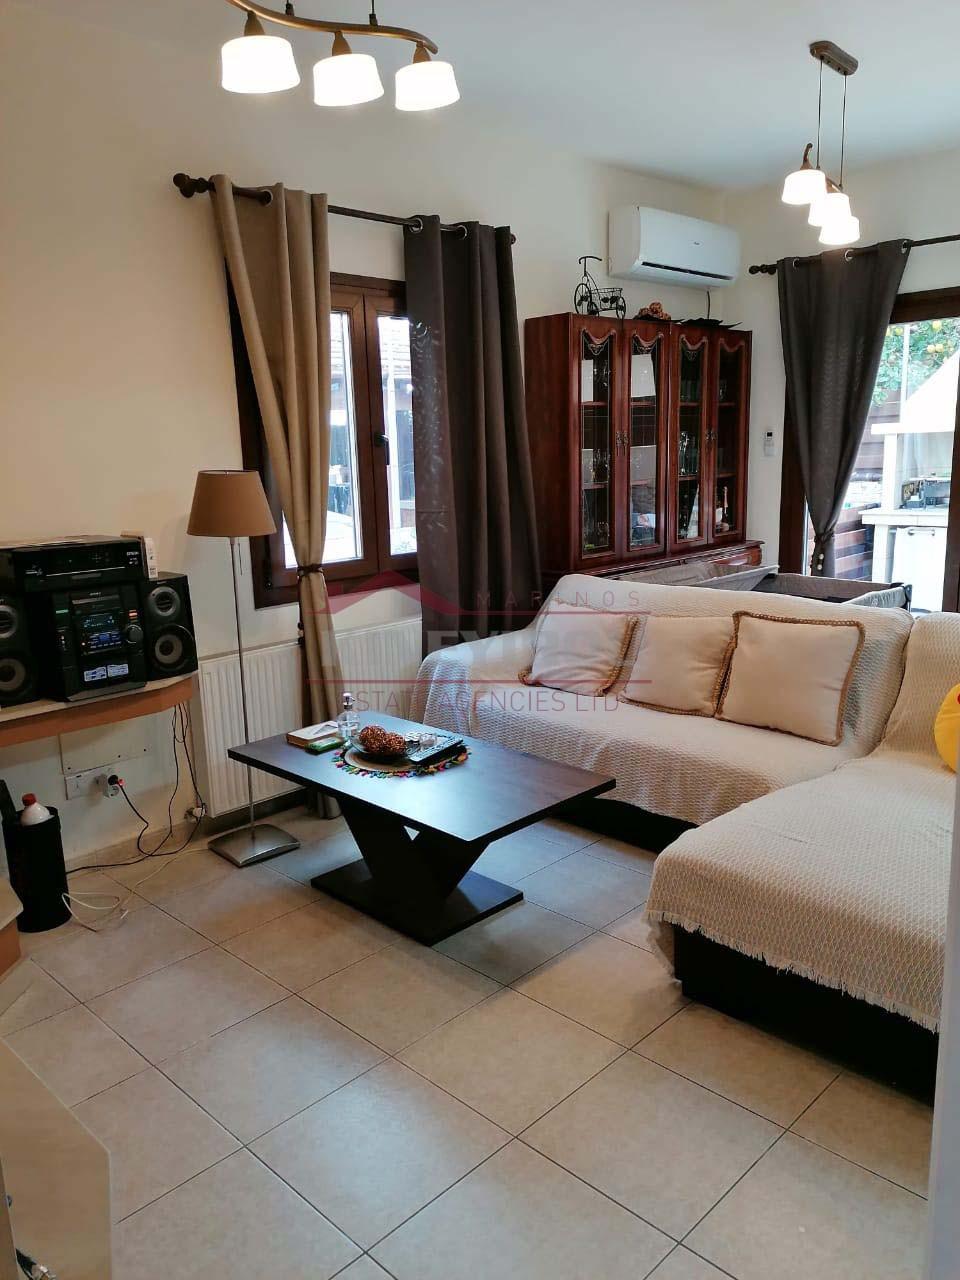 3 Bedroom House in Kamares area, Larnaca